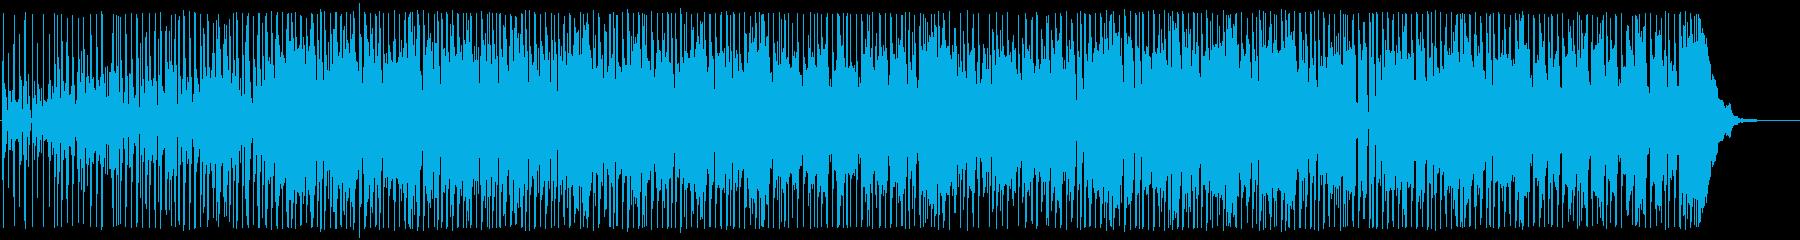 イージーリスニング 楽しげ ハイテ...の再生済みの波形